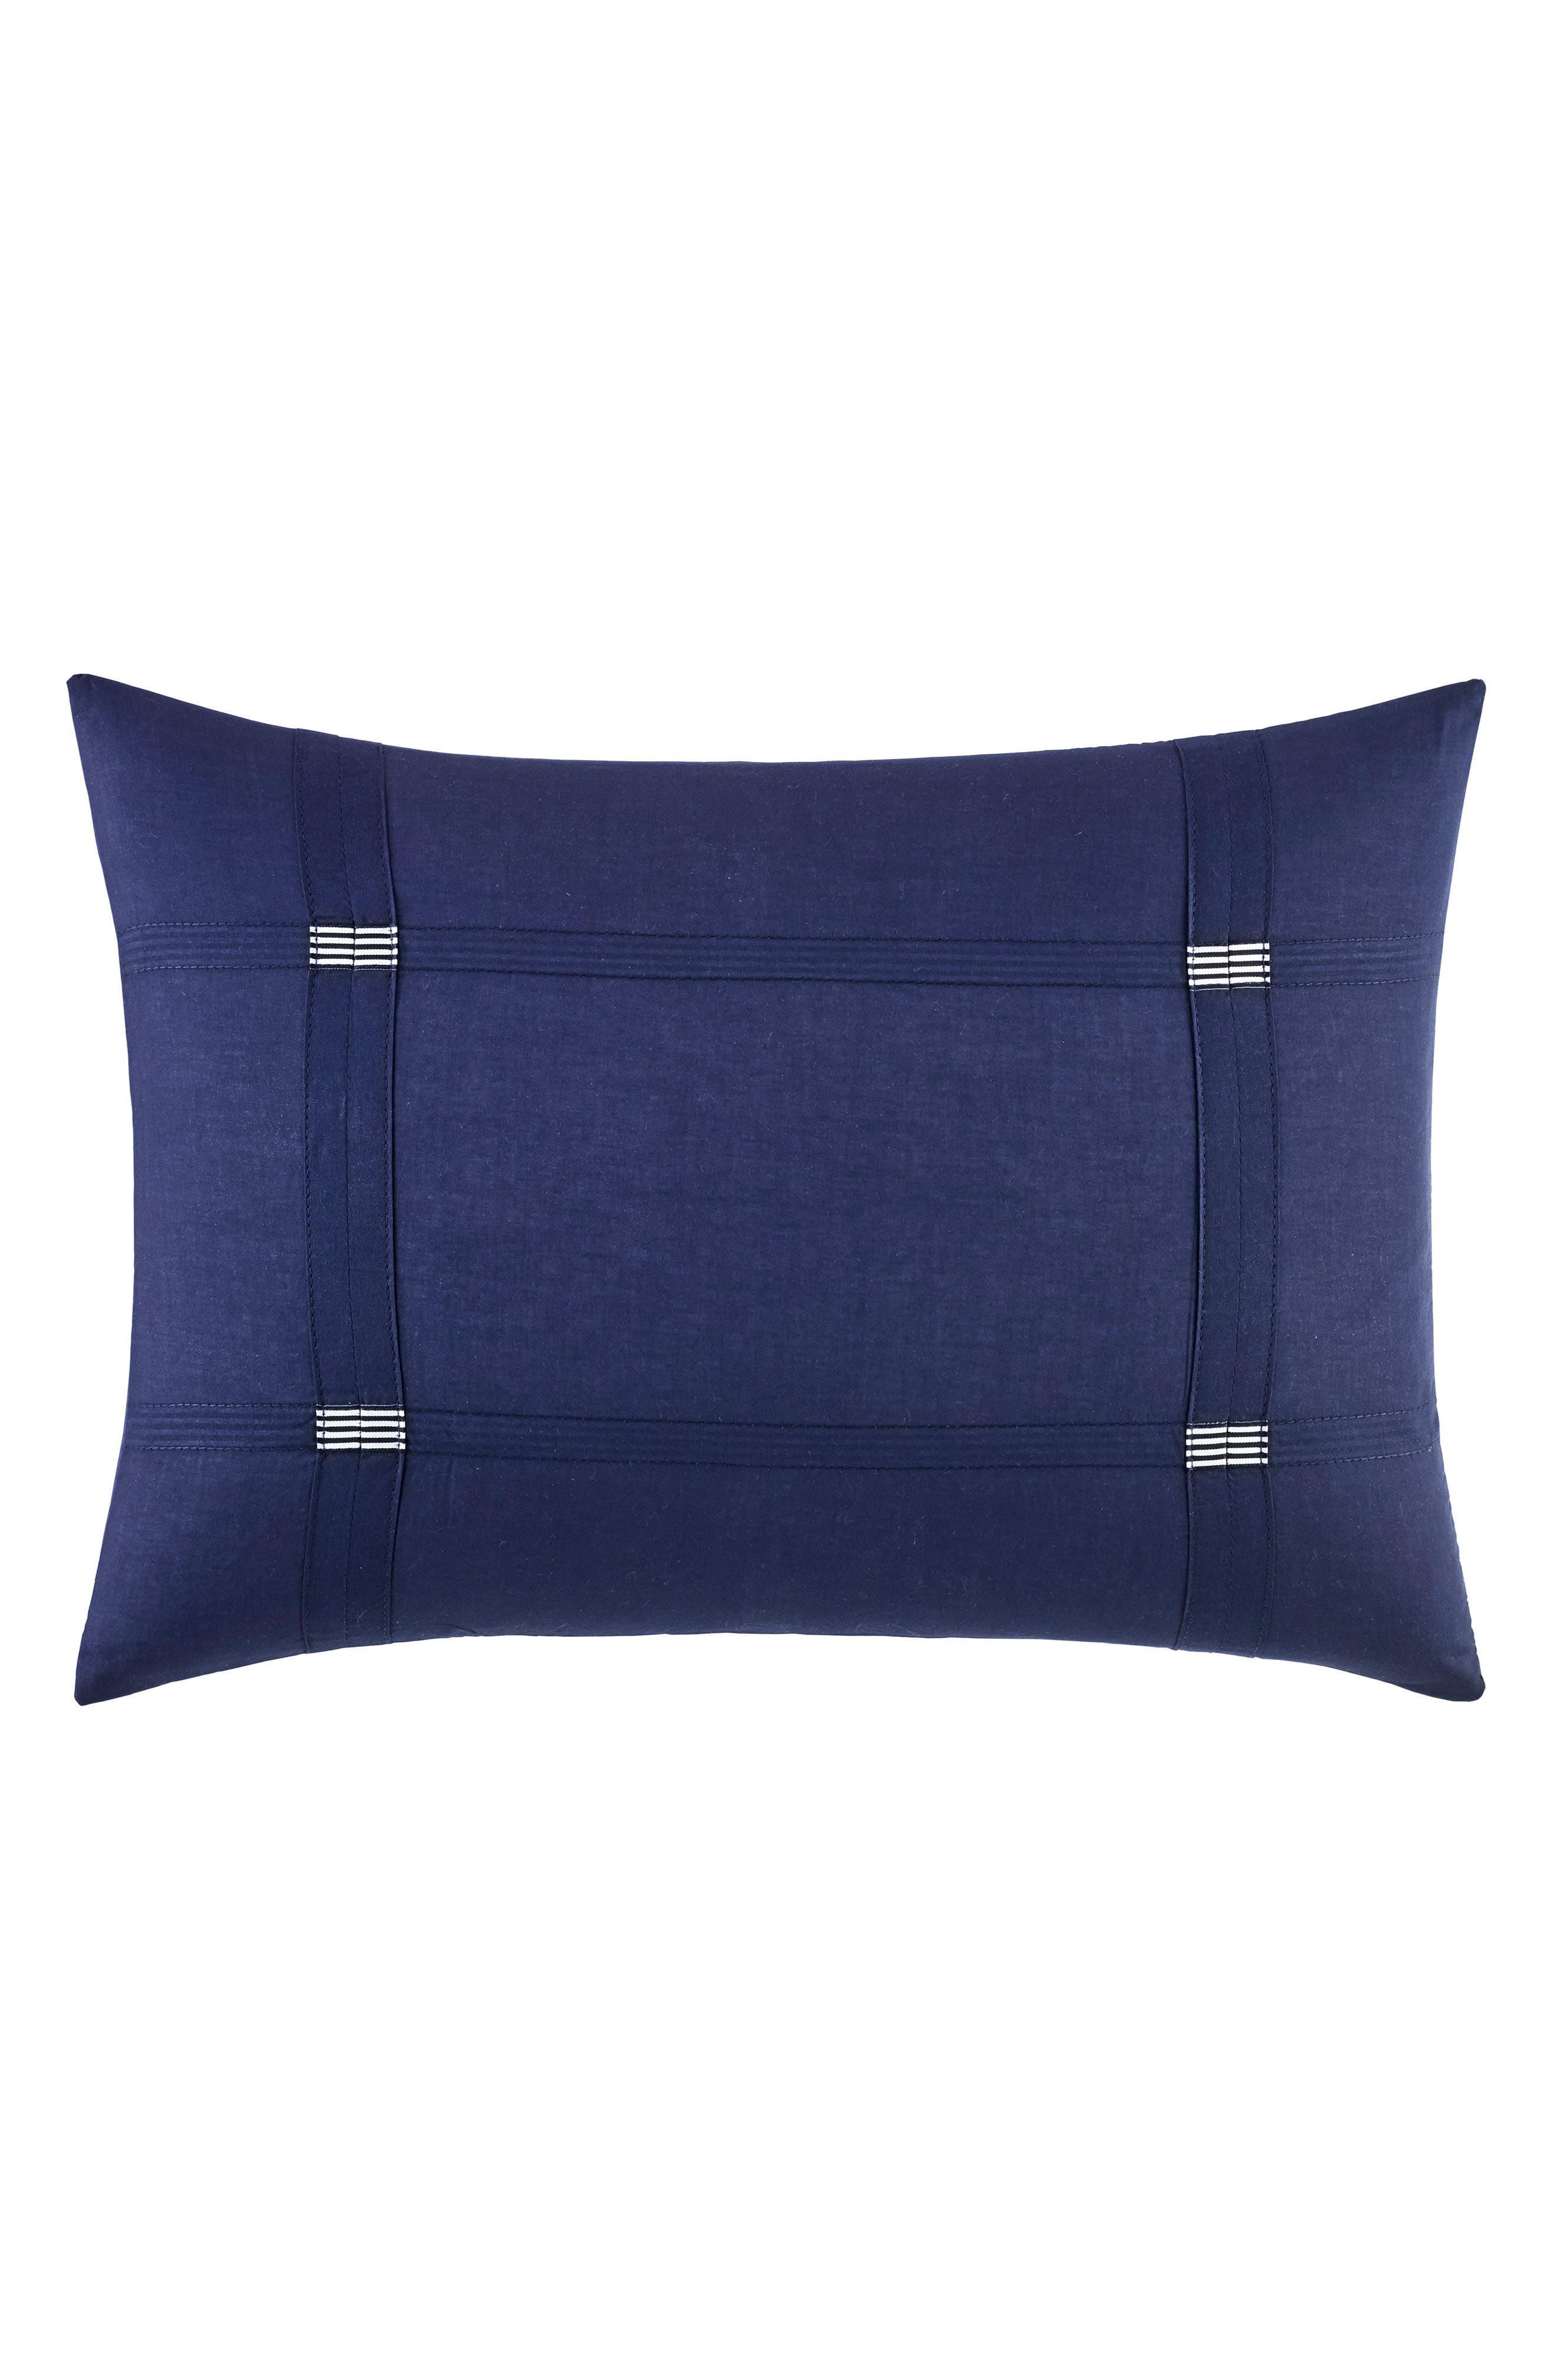 Vera Wang Chevron Accent Pillow